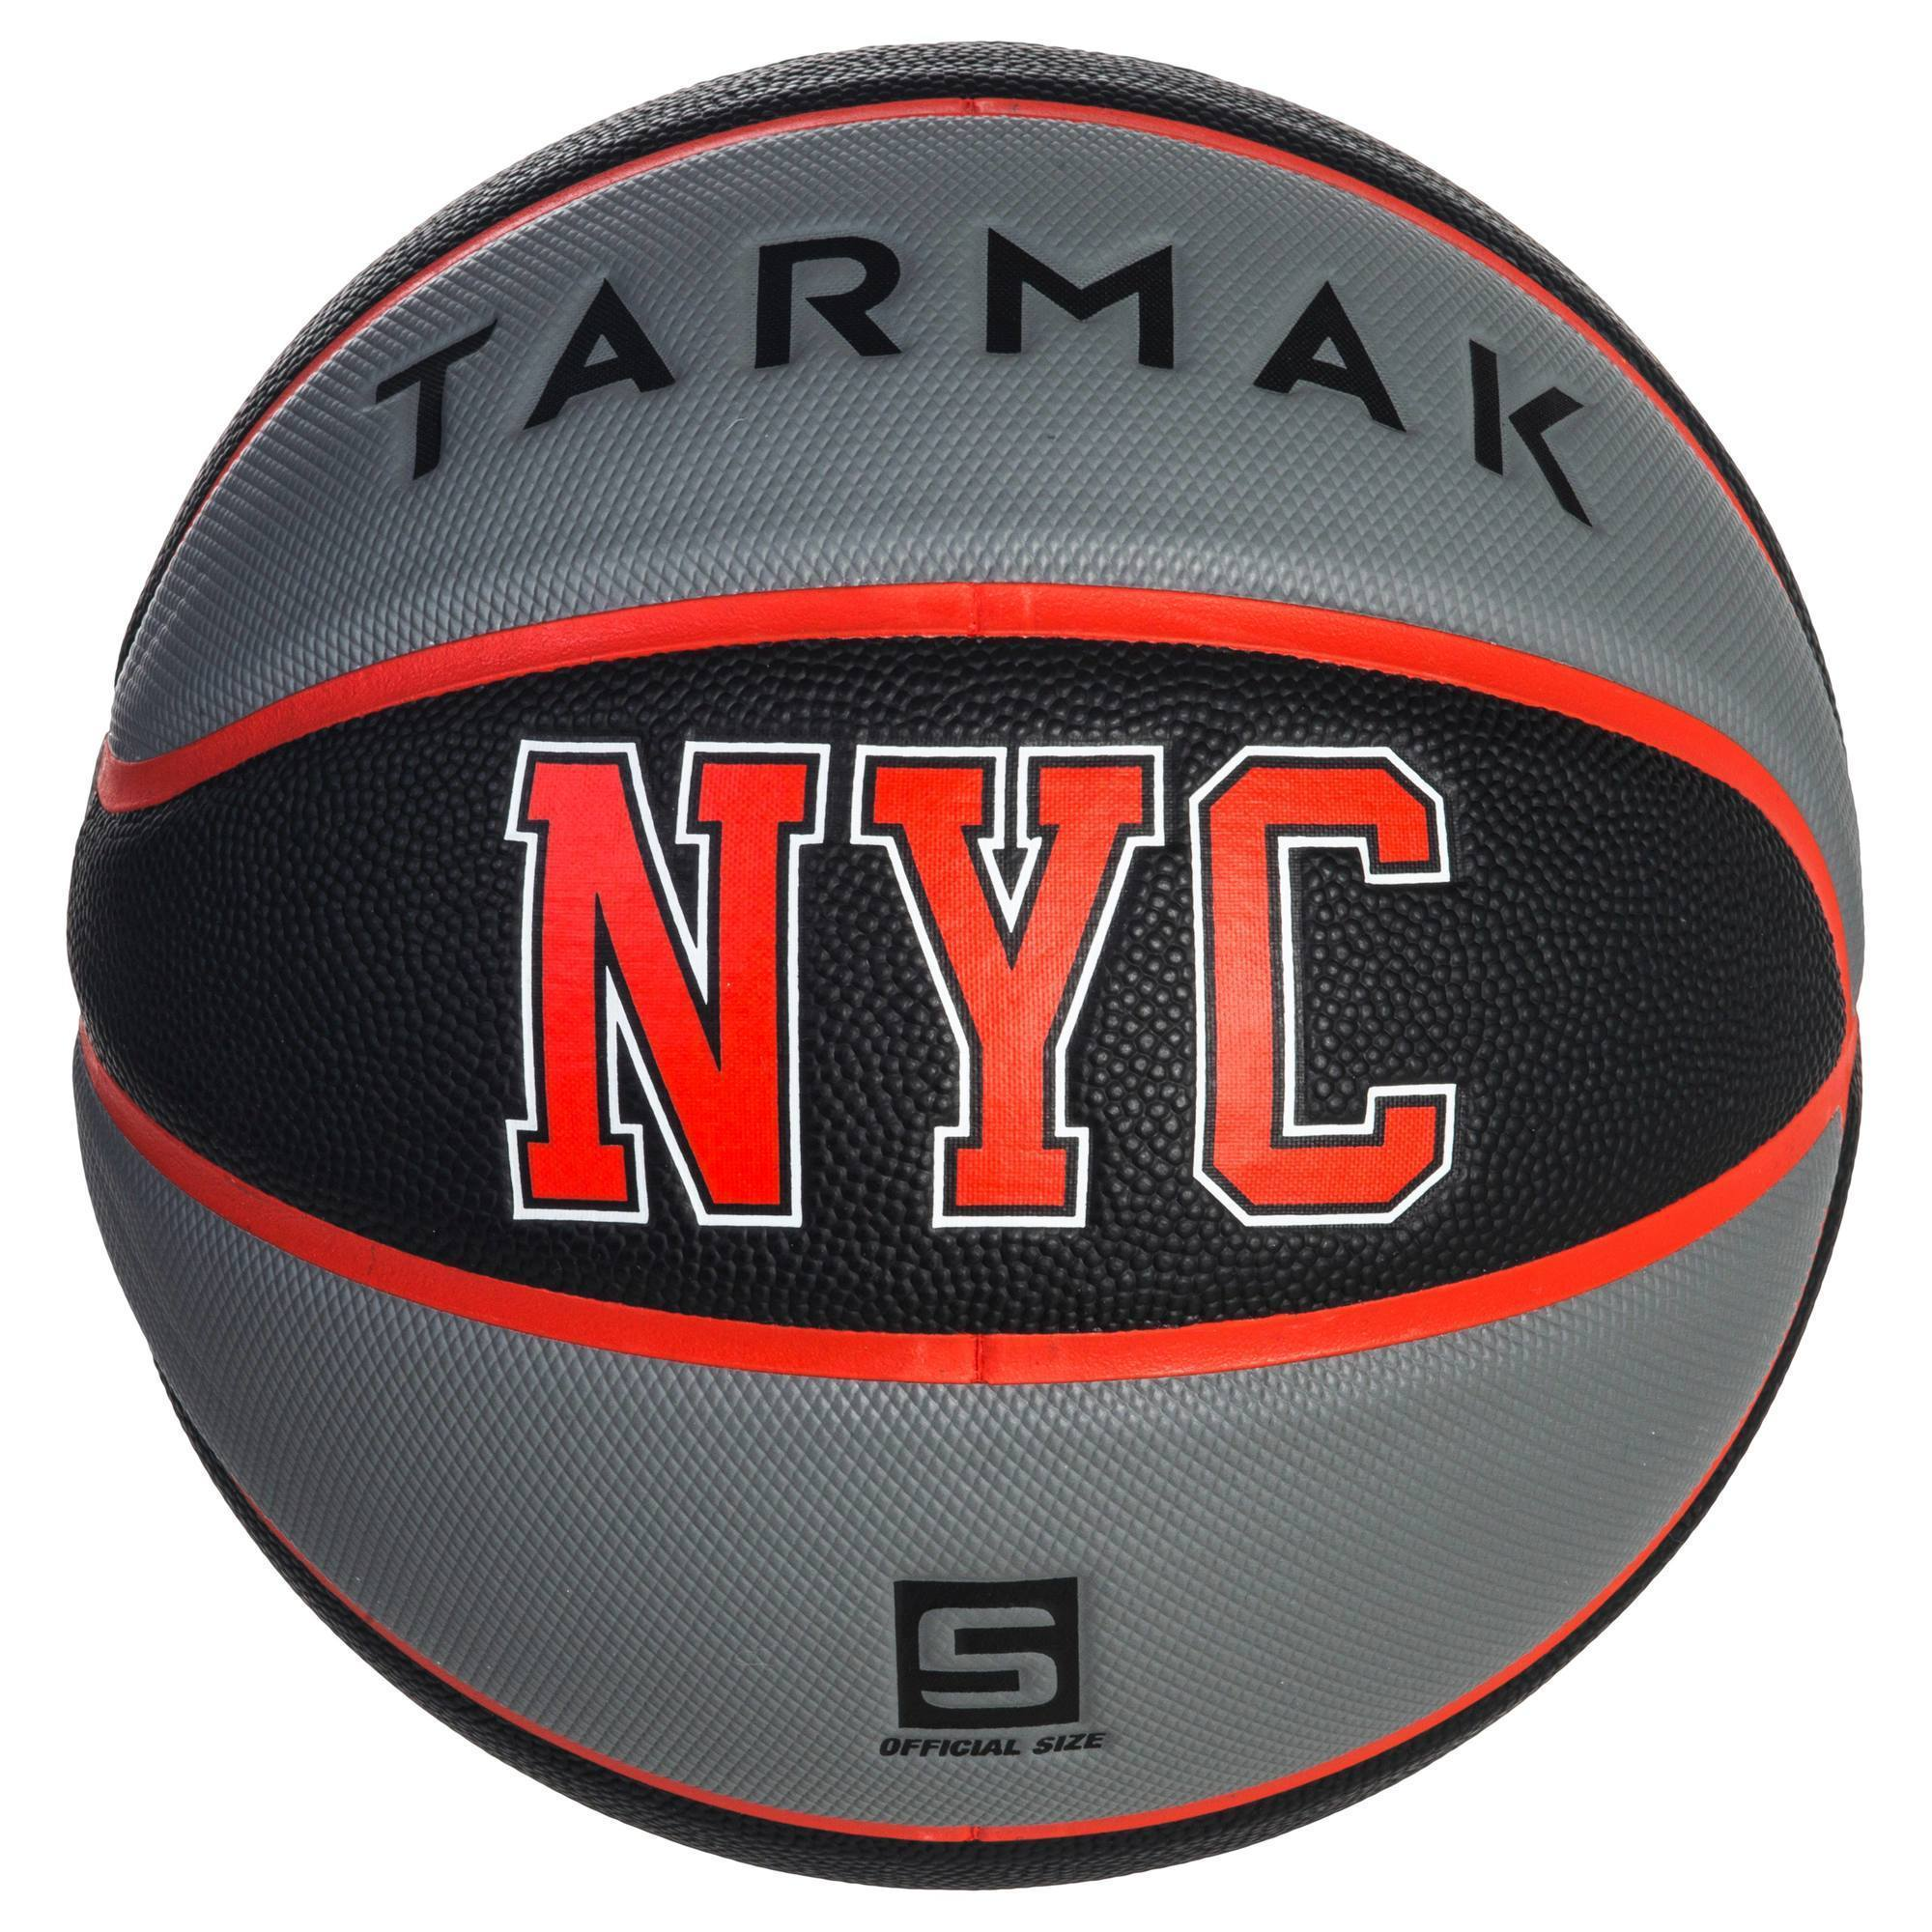 Ballon de basket enfant Wizzy NYC noir gris taille 5. Jusqu'à 10 ans.